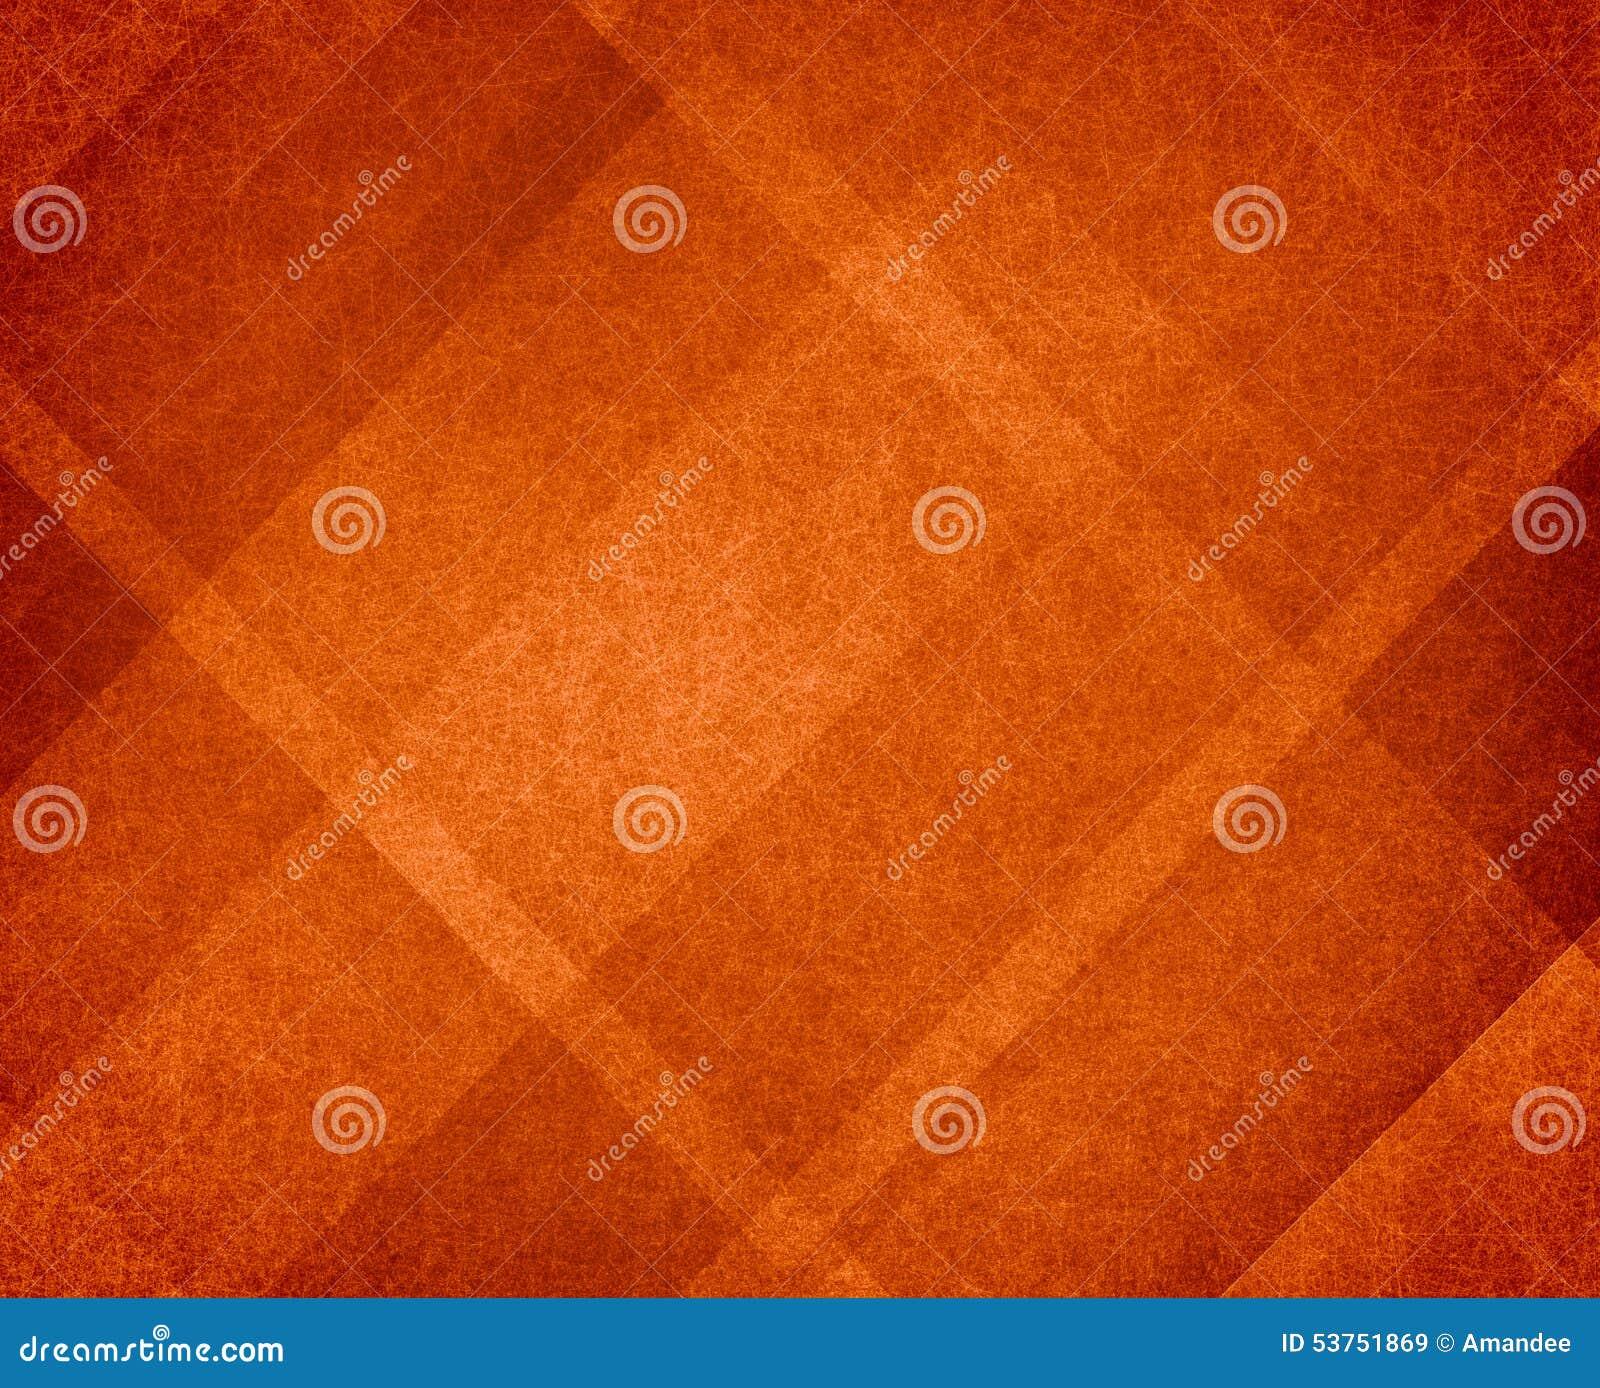 Πορτοκαλί αφηρημένο σχέδιο υποβάθρου ημέρας των ευχαριστιών ή φθινοπώρου